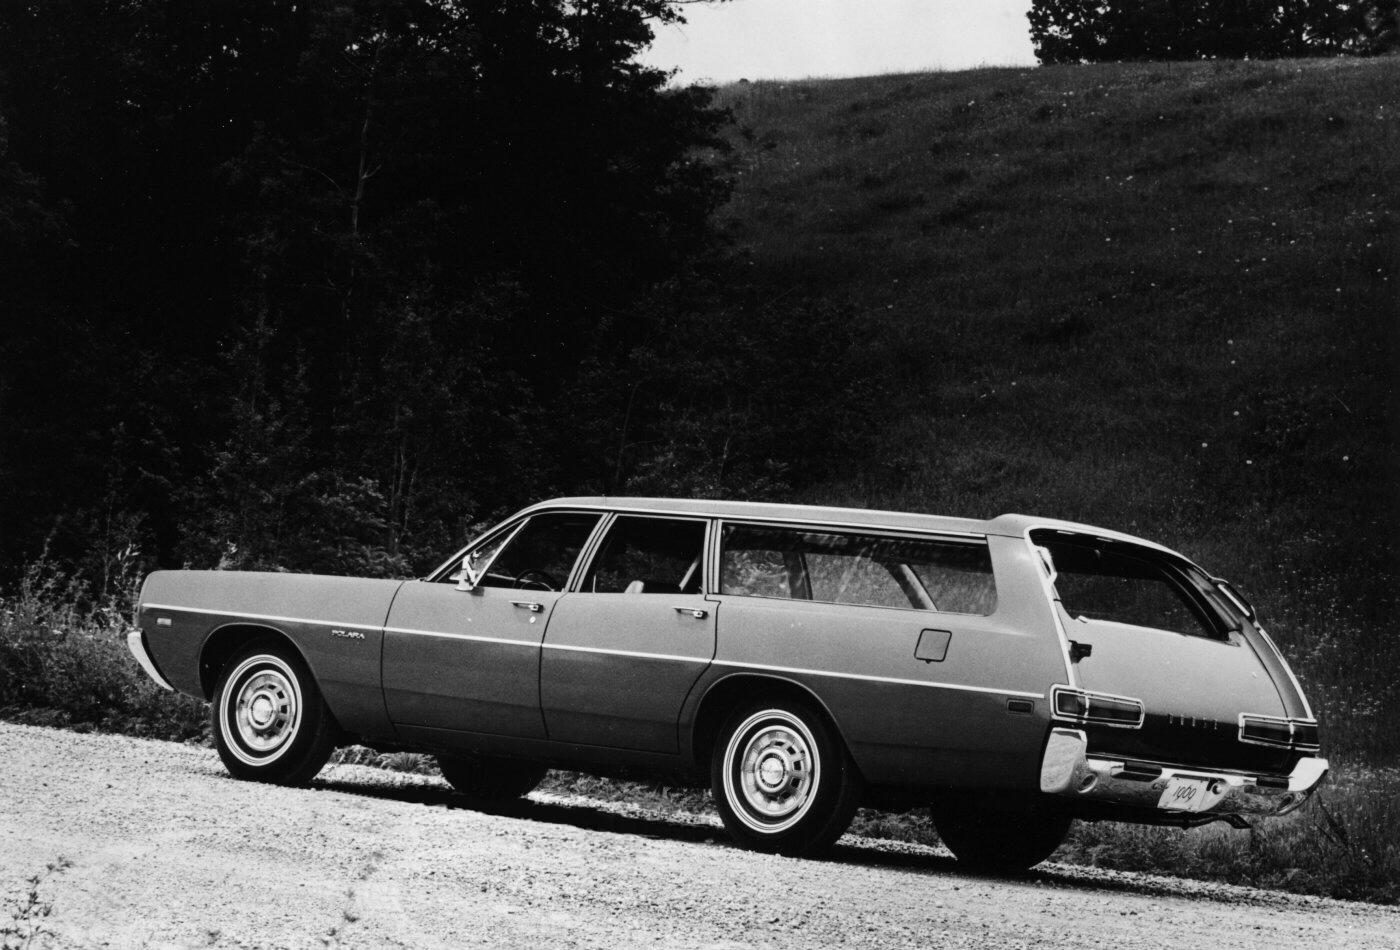 1969 Dodge Polara Wagon